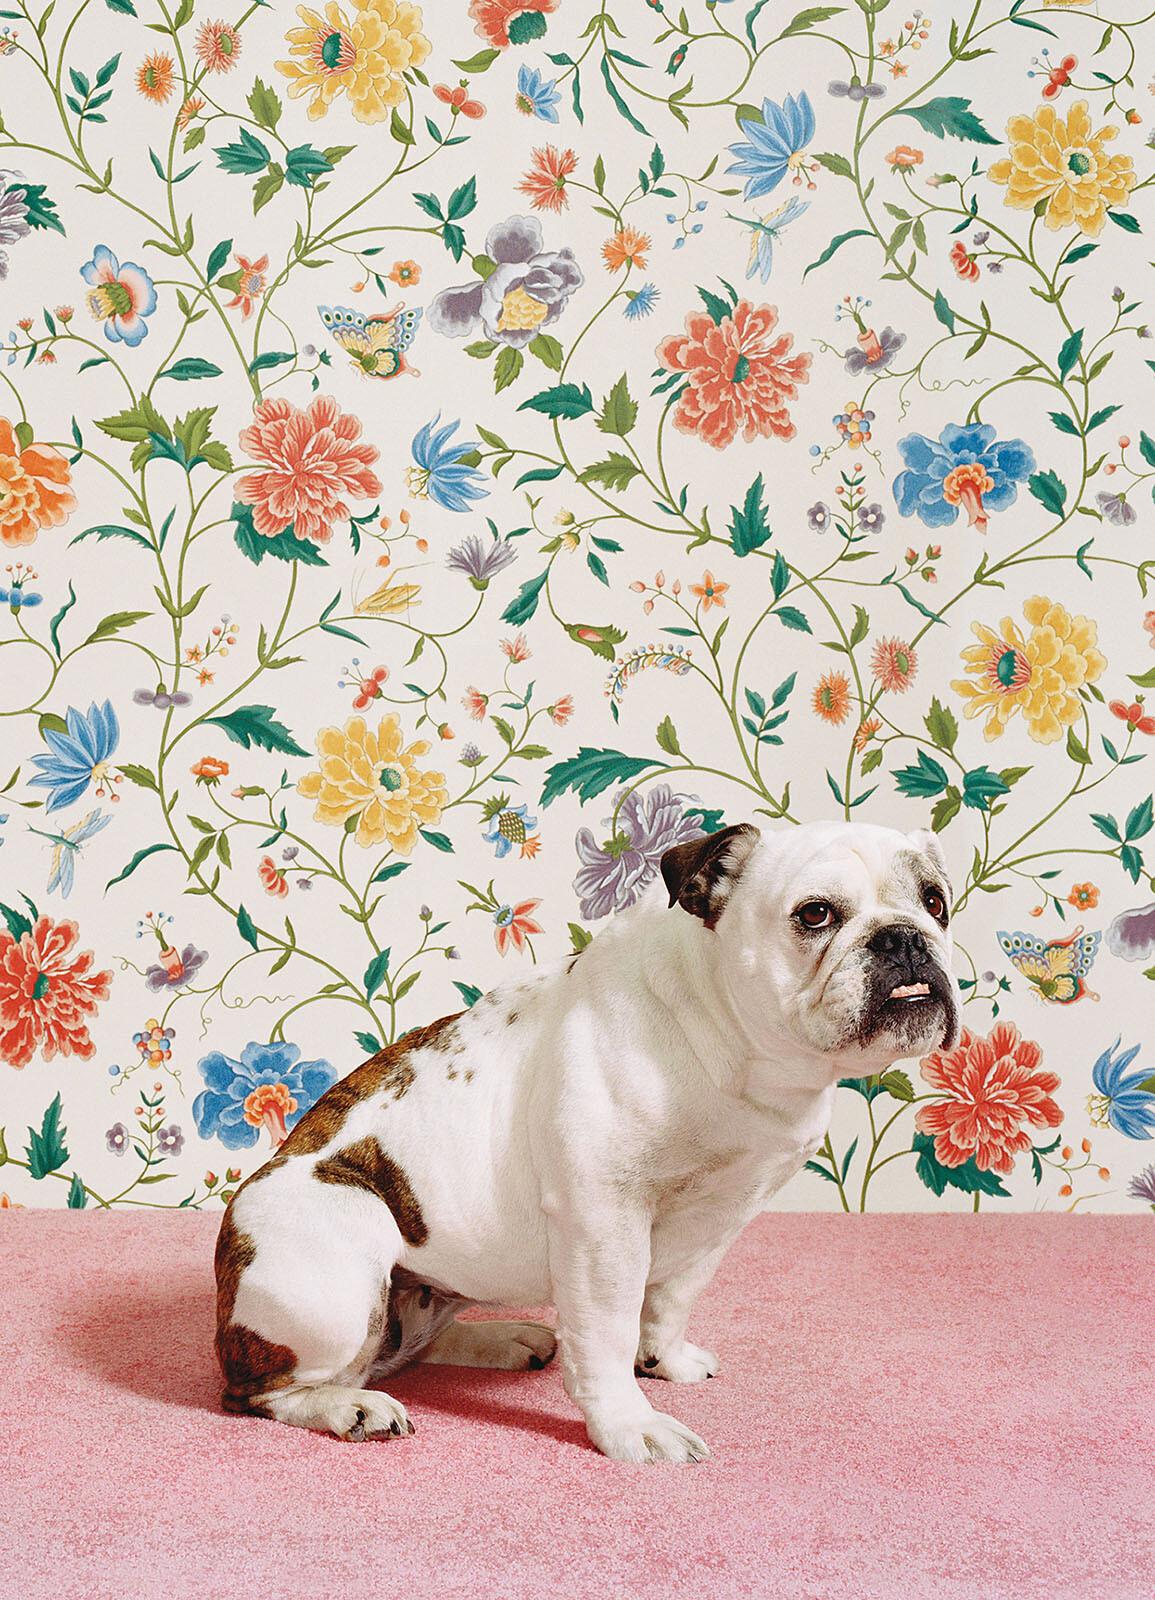 Bulldog 1 - Catherine Ledner